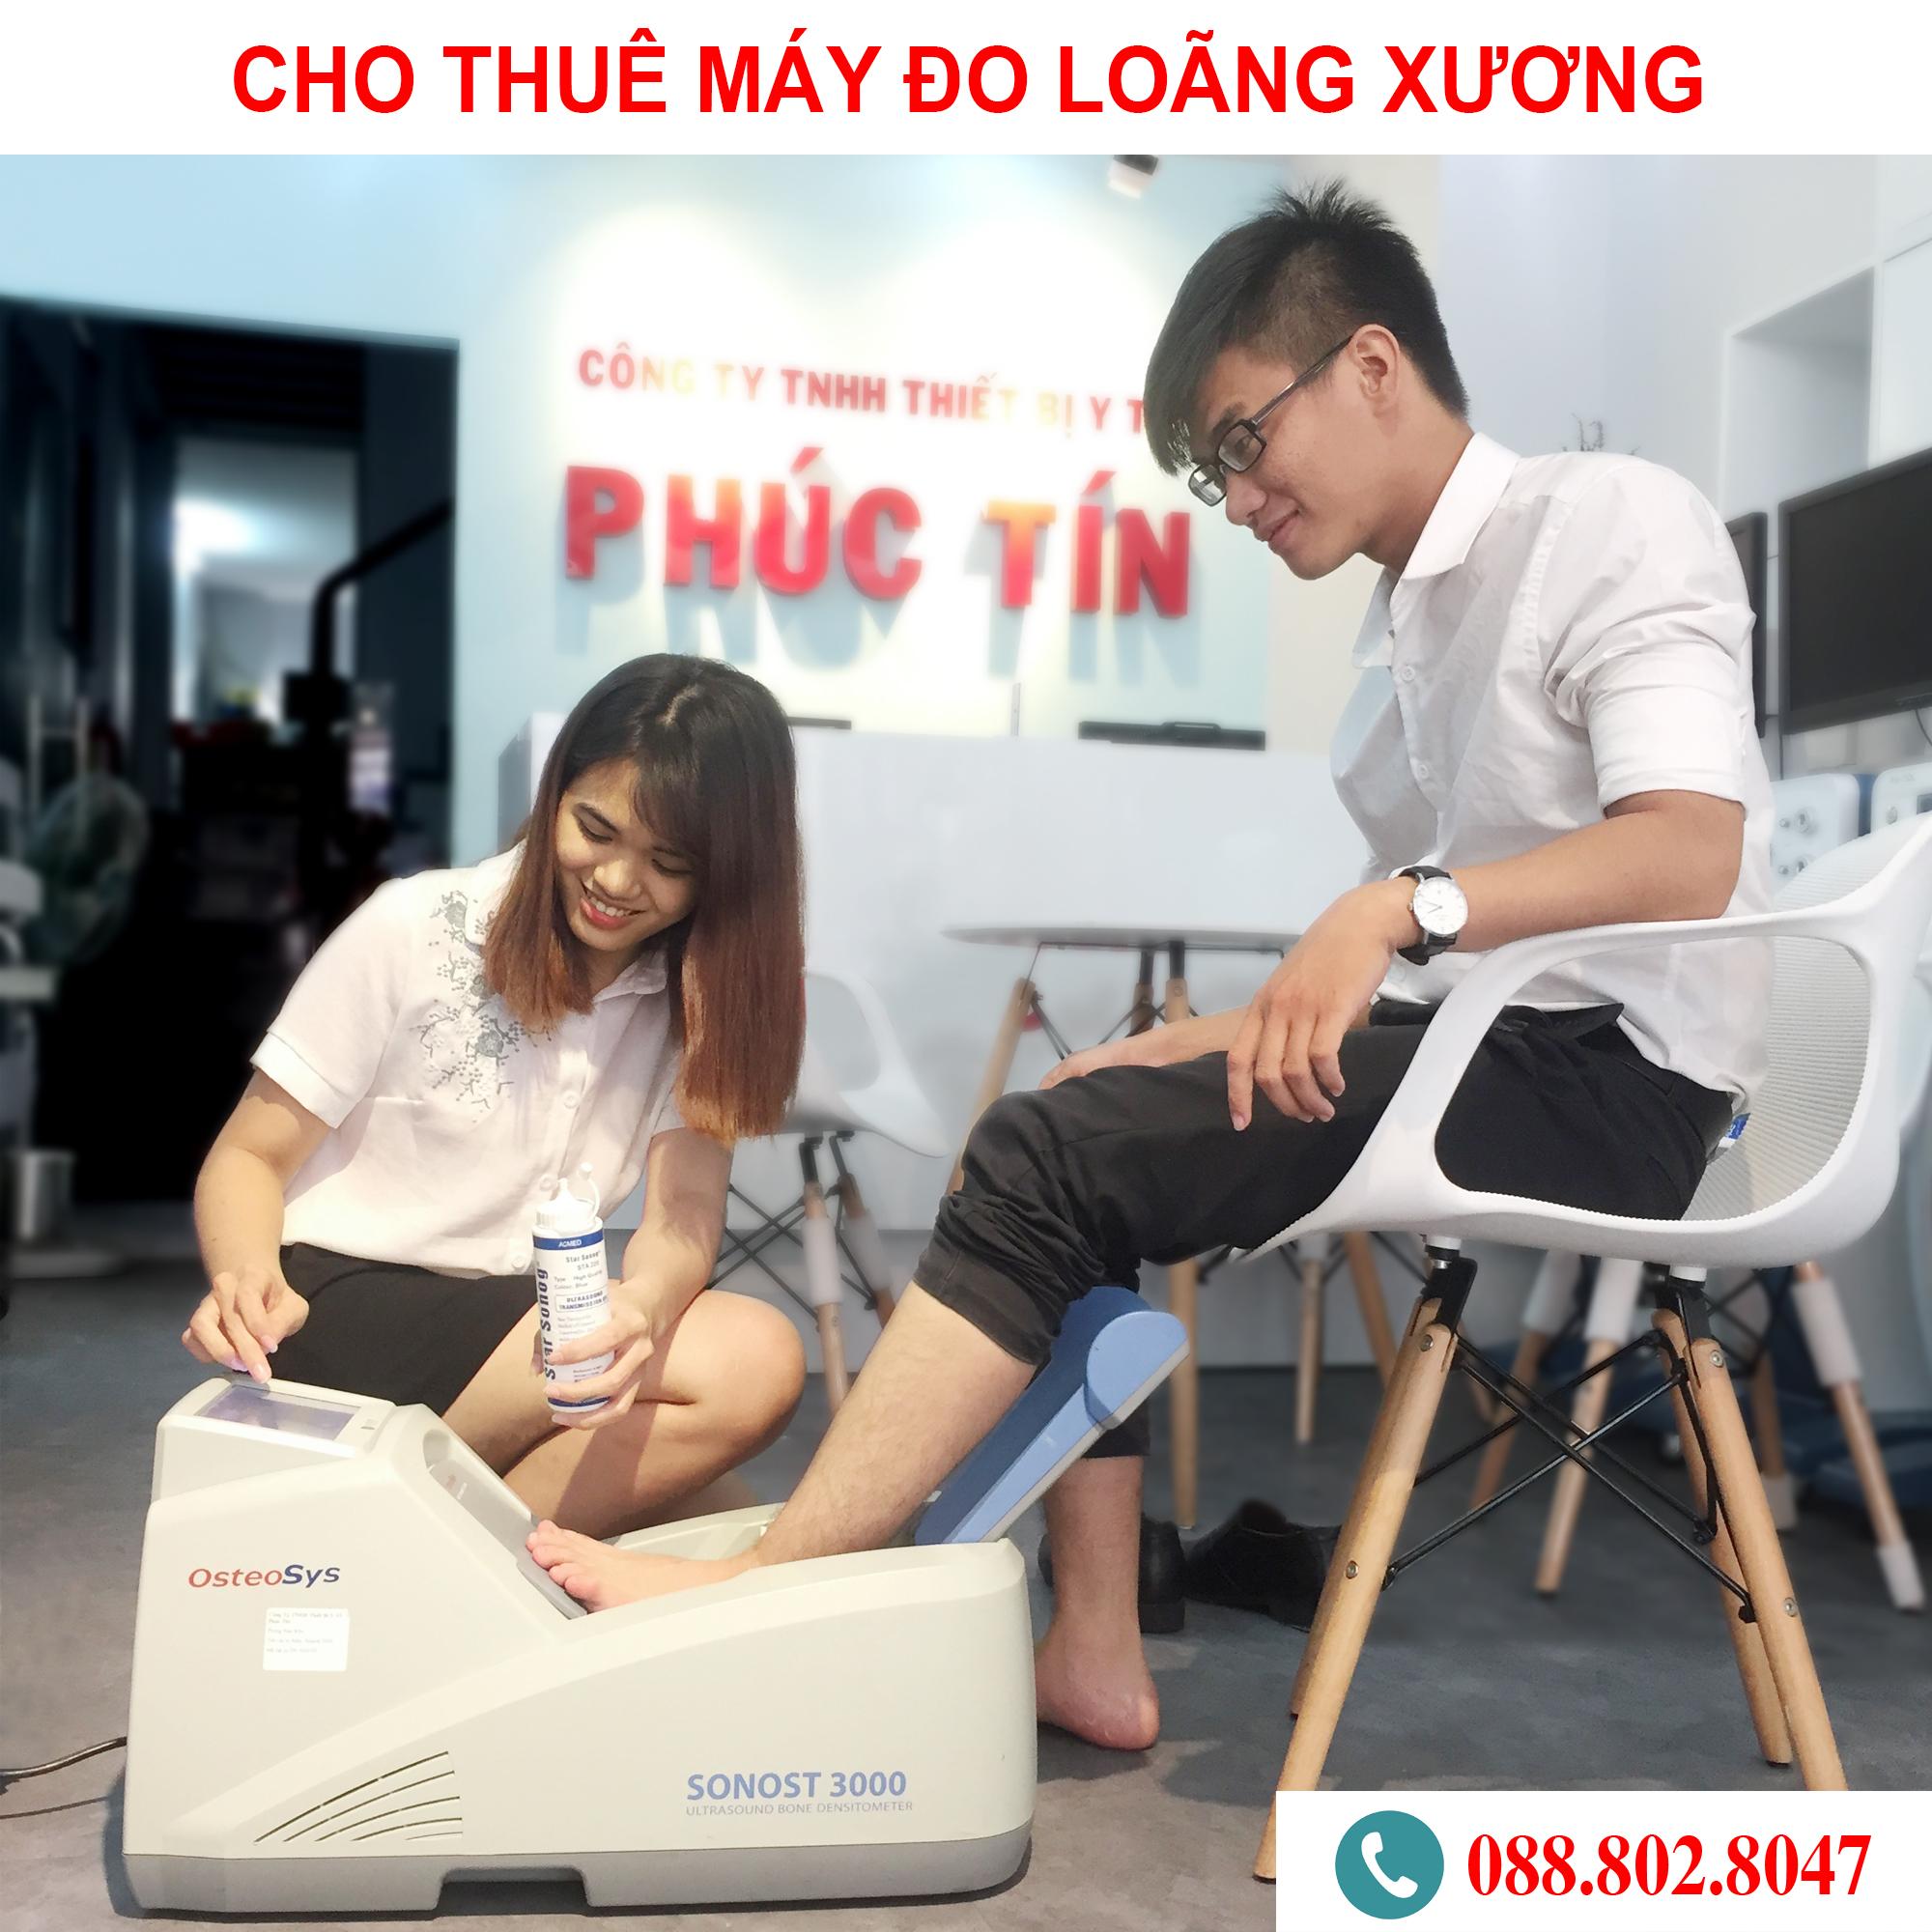 Cho thuê máy đo loãng xương Hàn Quốc